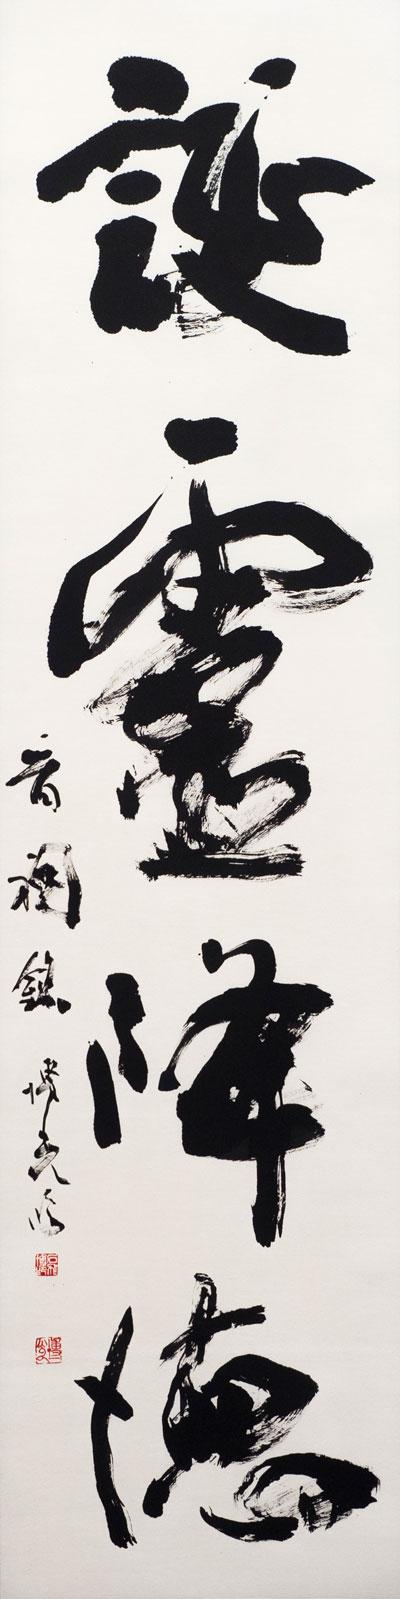 2017-jp-shodo-inspiration-560.jpg